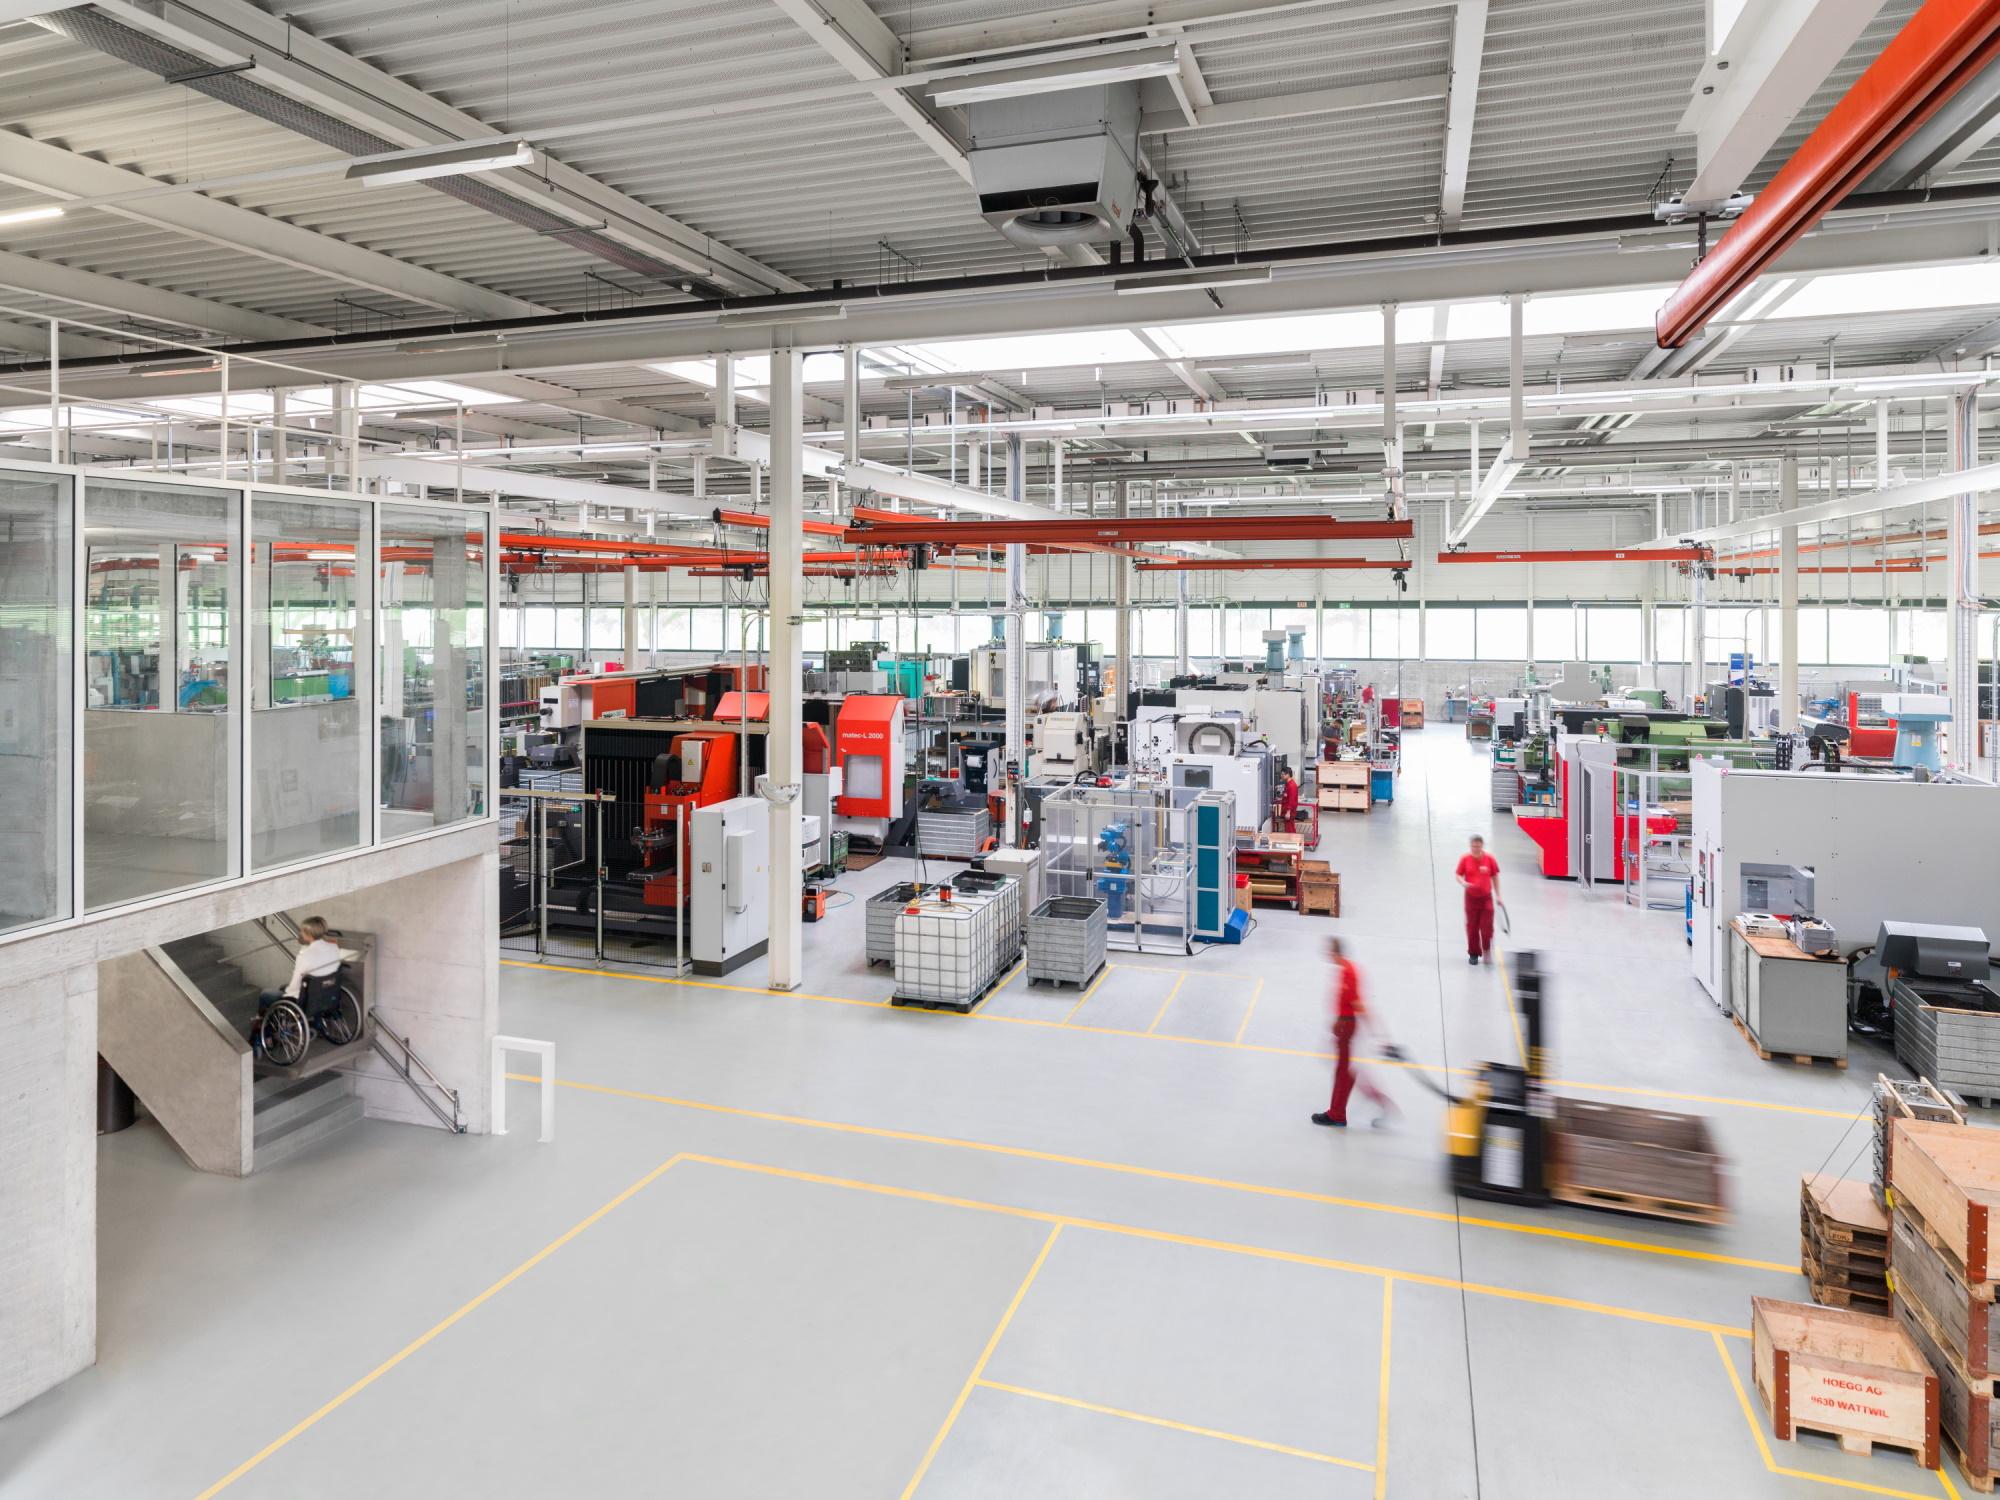 Blick in die Produktionshallen der Högg AG Produktionstechnik - Högg AG Produktionstechnik